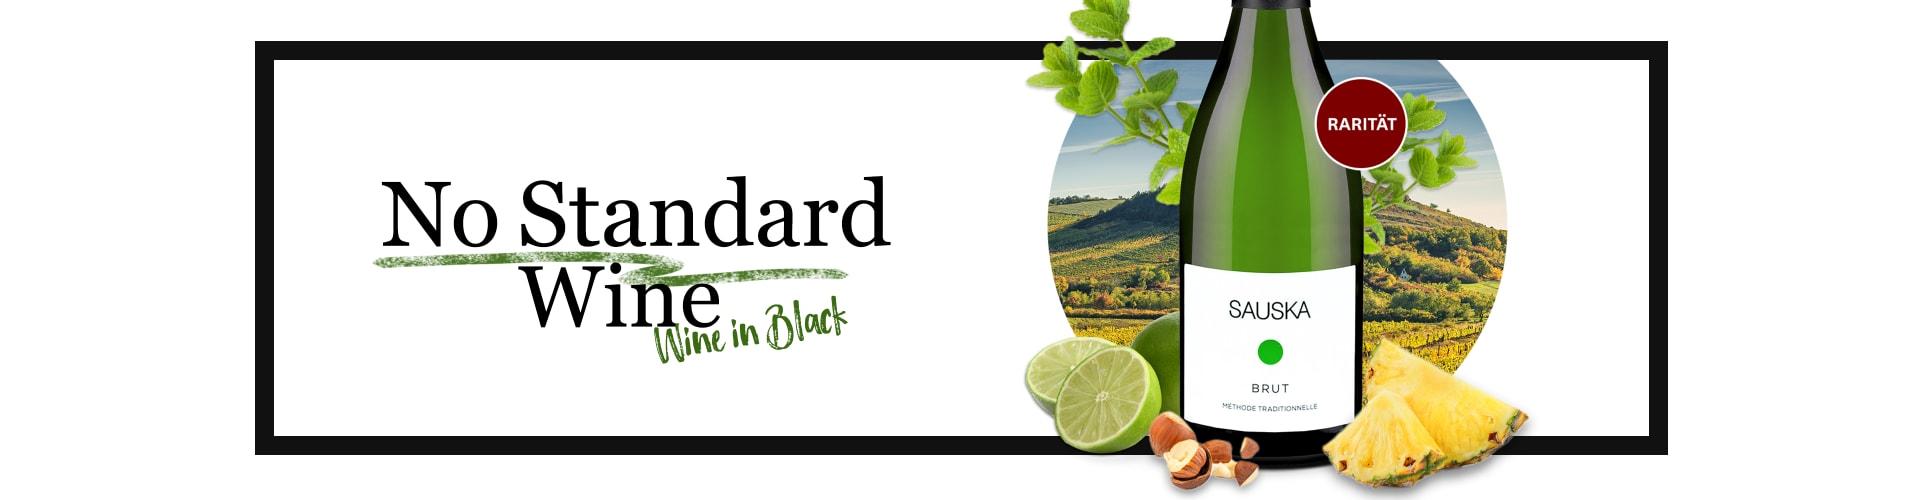 Unser aktueller No Standard-Wein